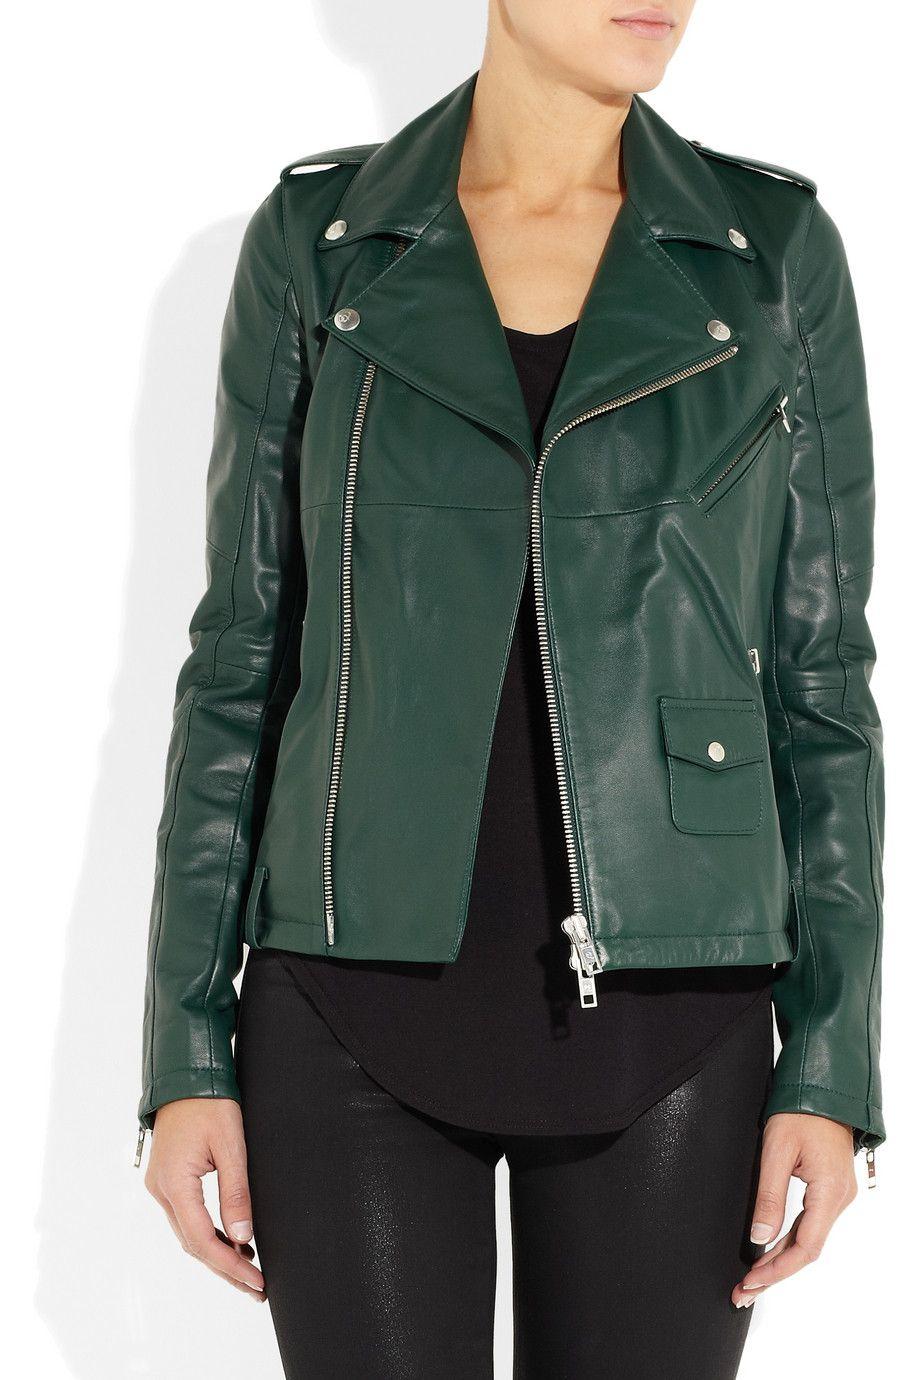 McQ Alexander McQueen|Leather biker jacket|NET-A-PORTER.COM